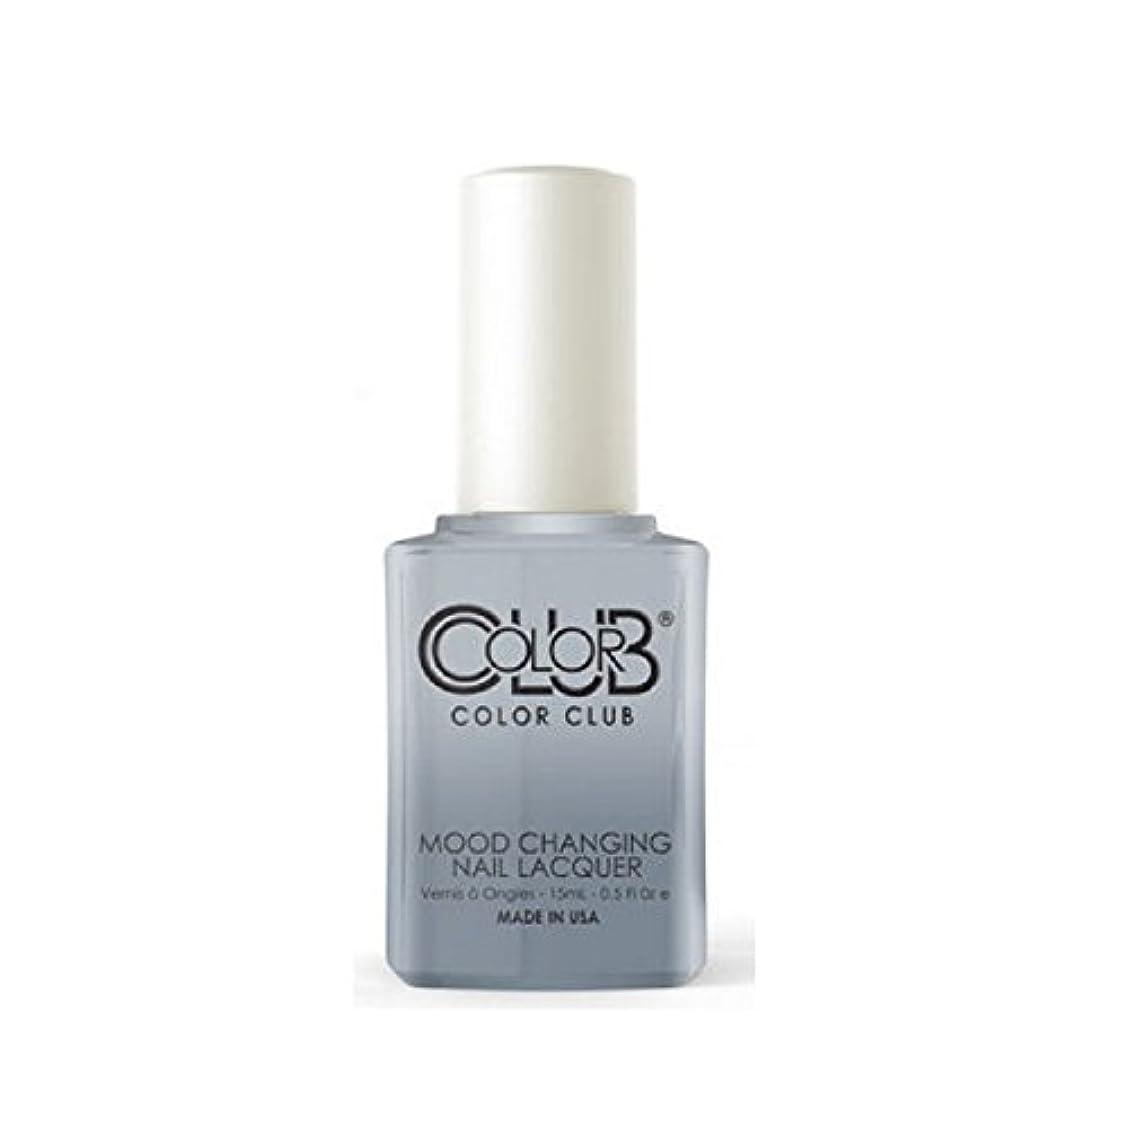 雹フルートジャンプColor Club Mood Changing Nail Lacquer - Head in the Clouds - 15 mL / 0.5 fl oz